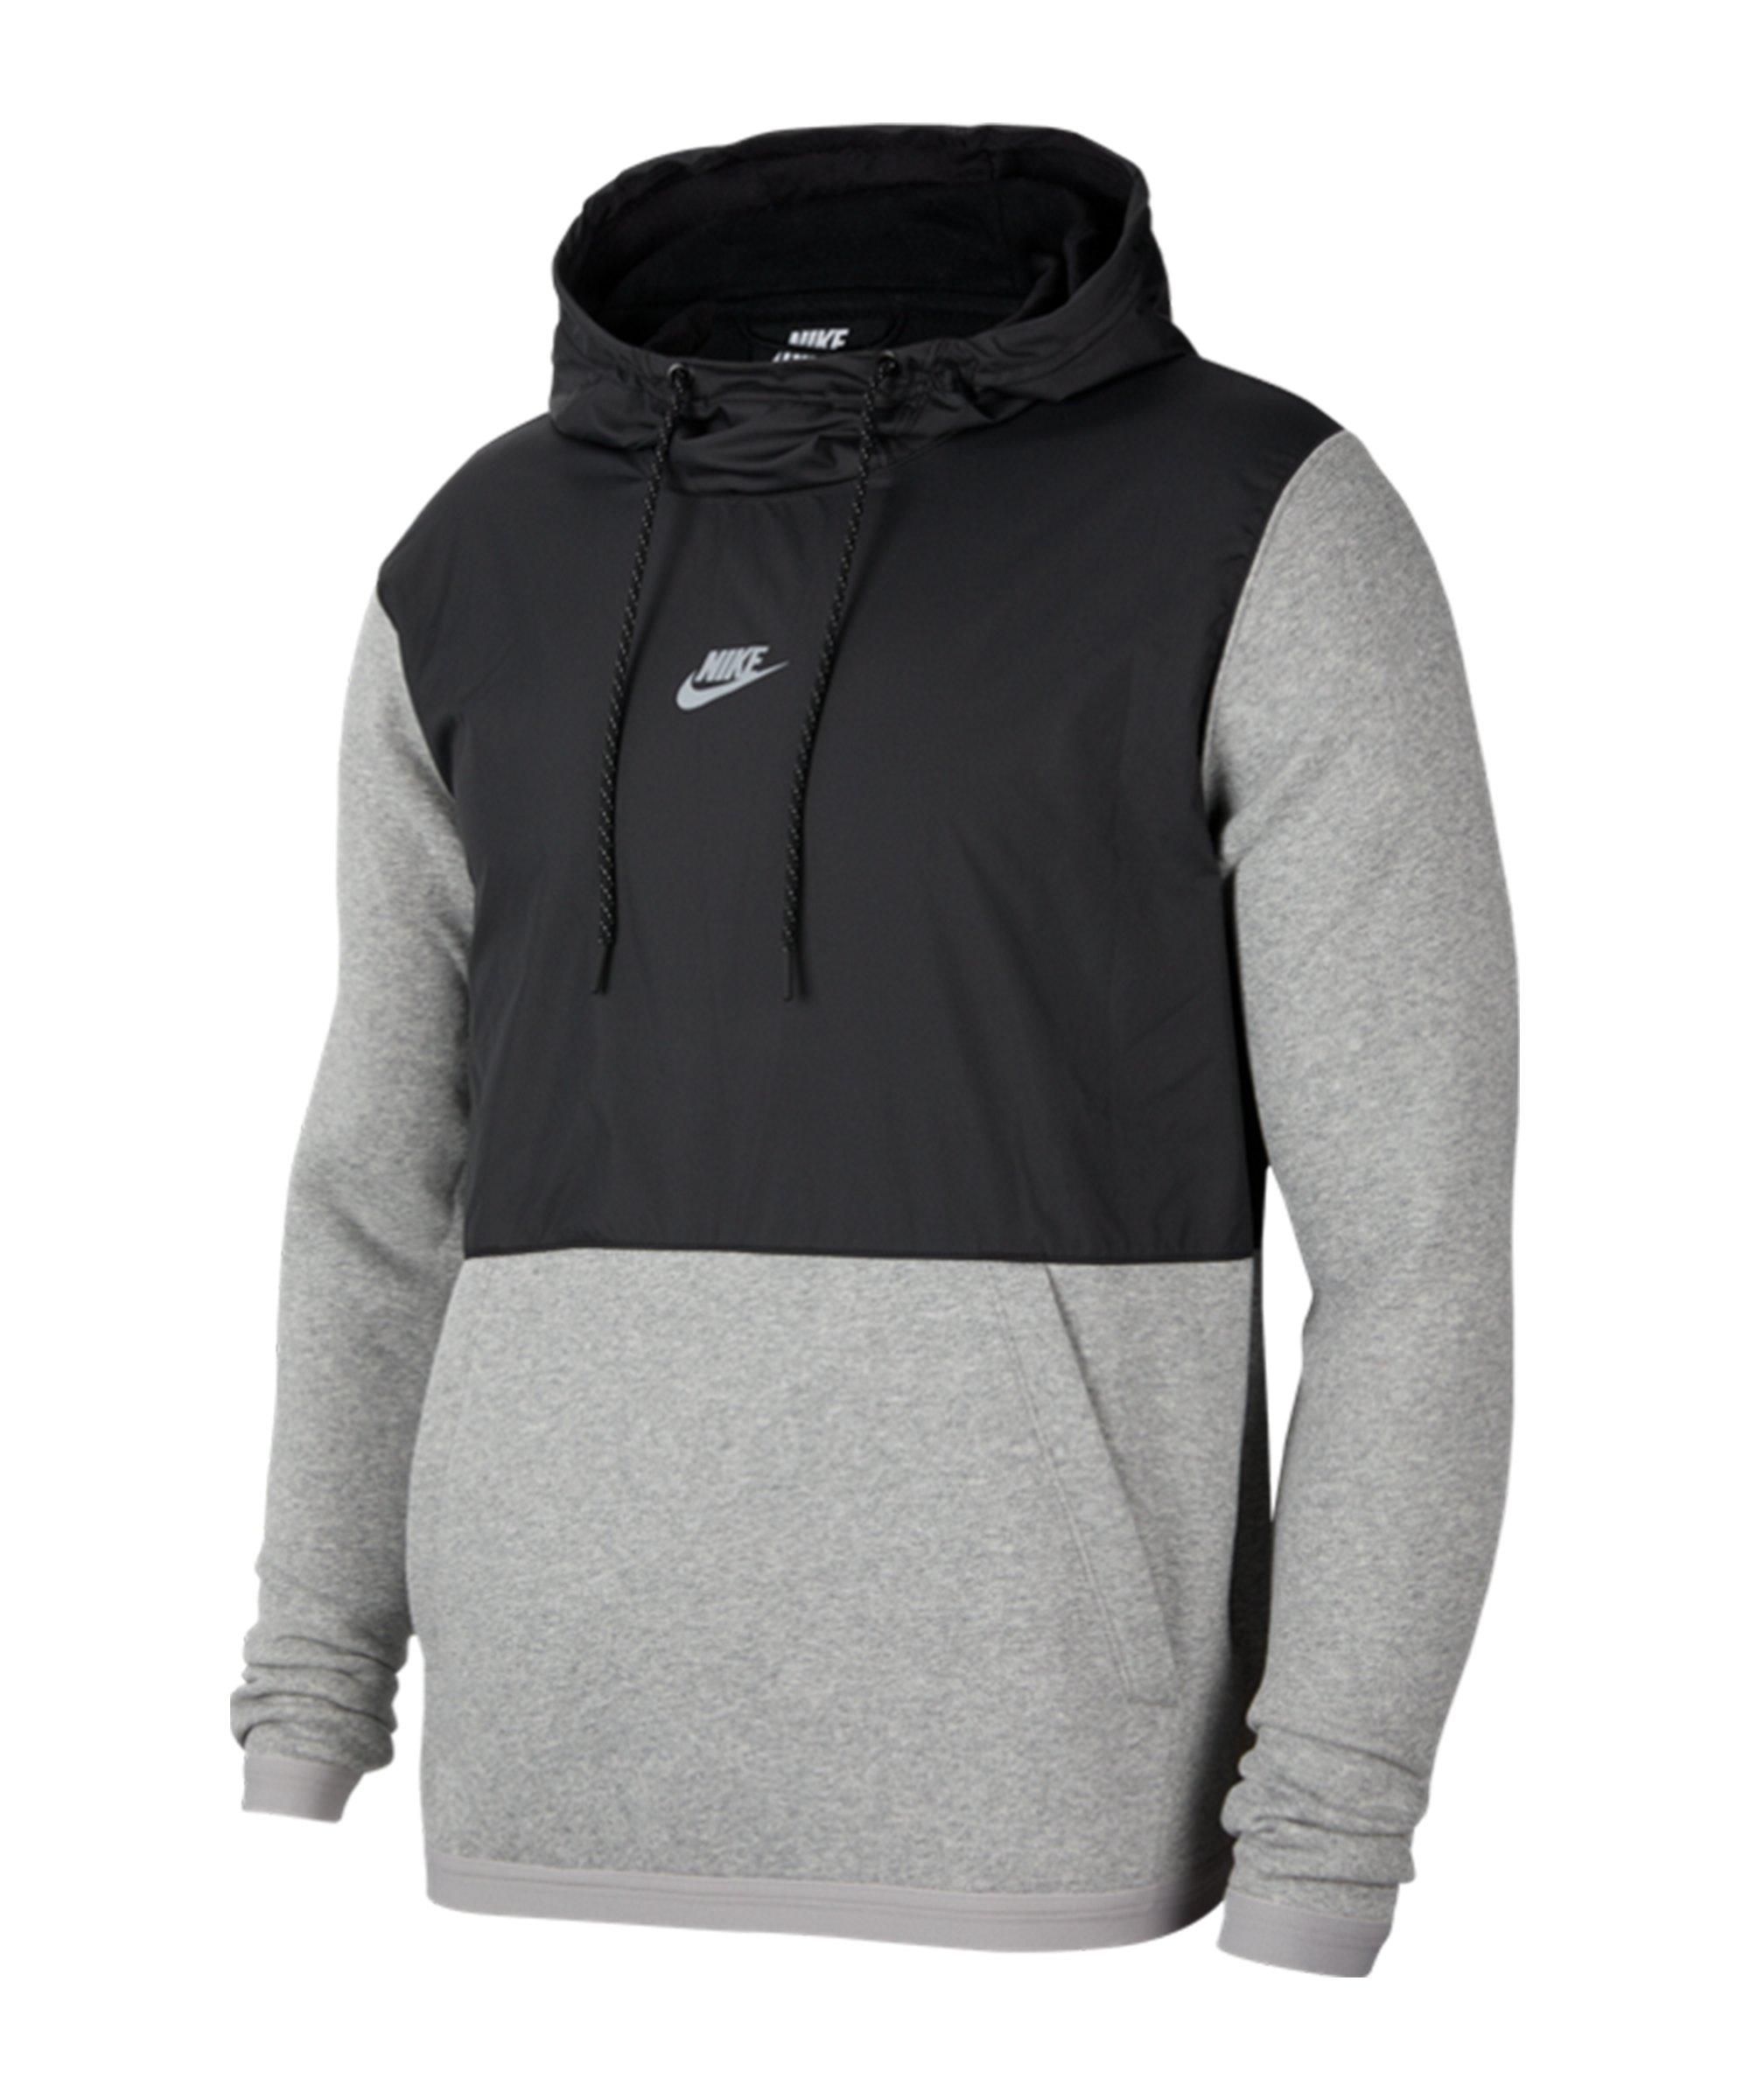 Nike JDI Fleece Mix Hoody Schwarz Grau F010 - schwarz